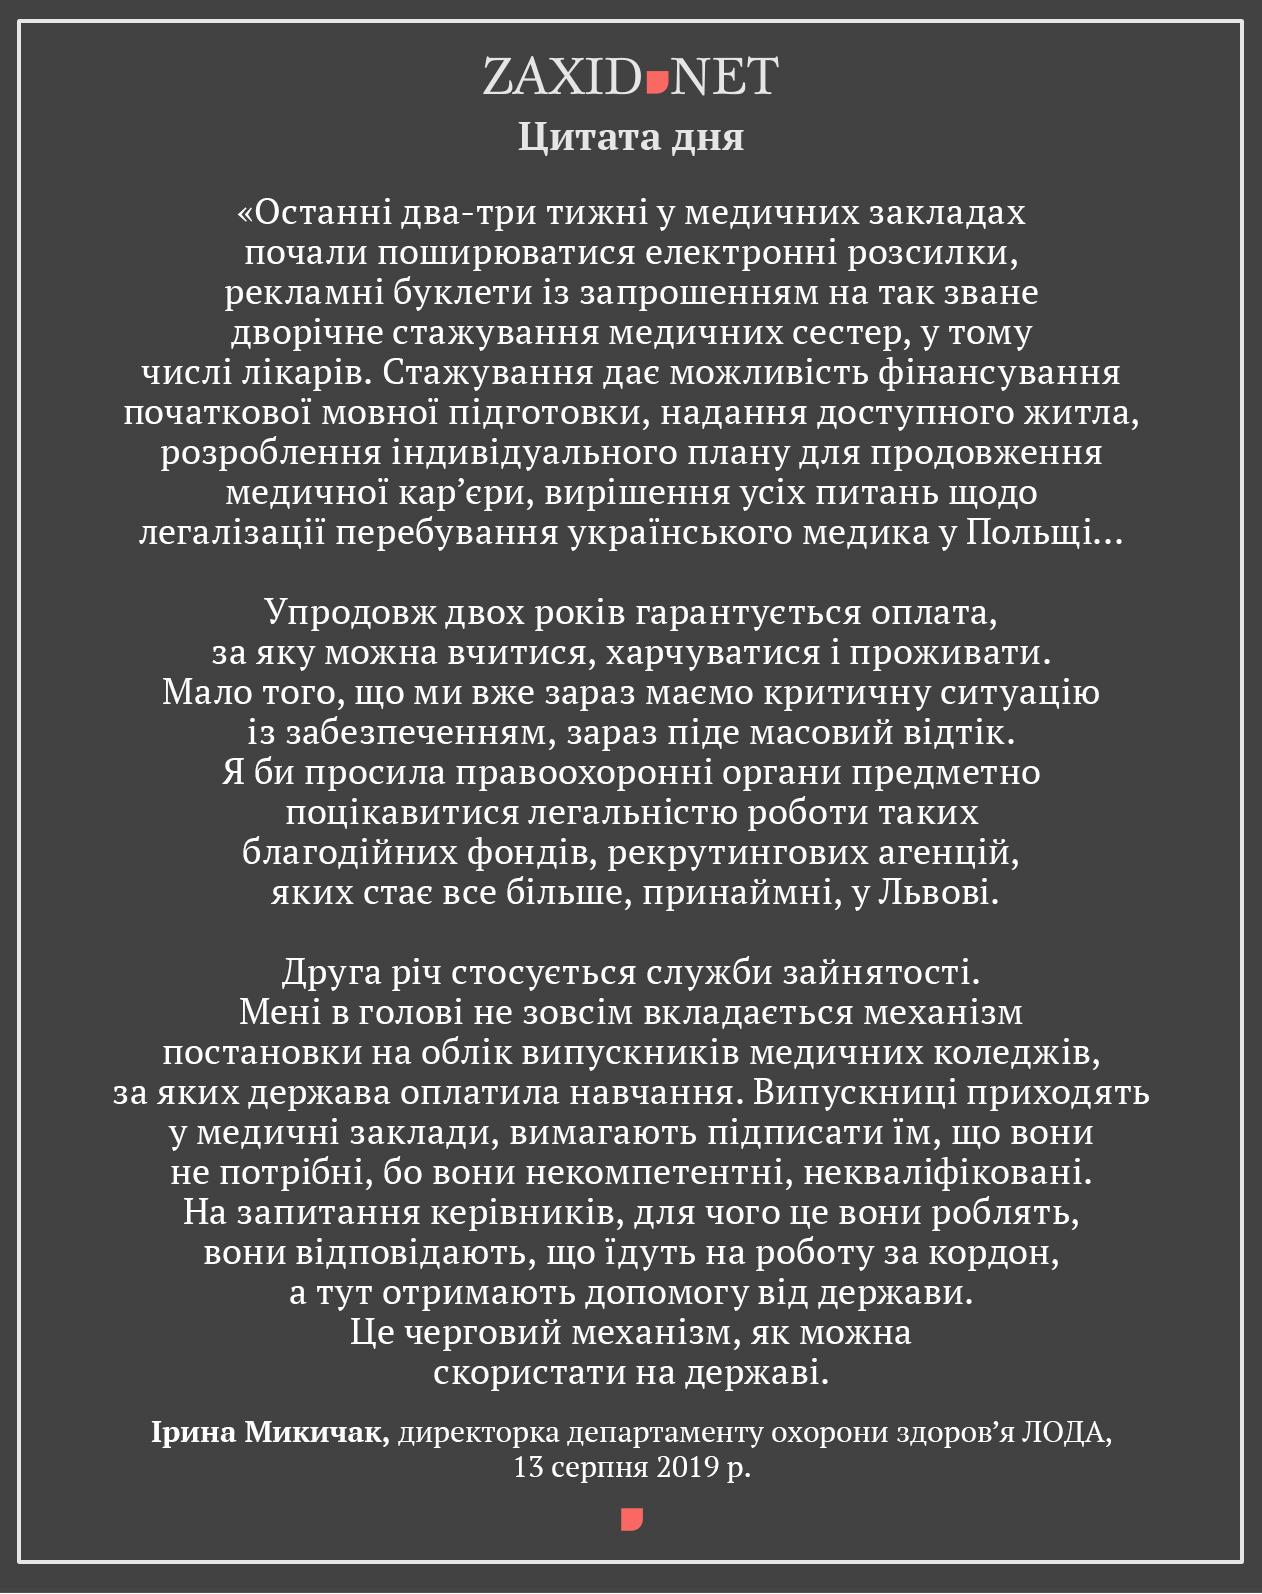 Останні два-три тижні у медичних закладах почали поширюватися електронні розсилки, рекламні буклети із запрошенням на так зване дворічне стажування медичних сестер, у тому числі лікарів. Стажування дає можливість фінансування початкової мовної підготовки, надання доступного житла, розроблення індивідуального плану для продовження медичної кар'єри, вирішення усіх питань щодо легалізації перебування українського медика у Польщі… Упродовж двох років гарантується оплата, за яку можна вчитися, харчуватися і проживати. Мало того, що ми вже зараз маємо критичну ситуацію із забезпеченням, зараз піде масовий відтік.  Я би просила правоохоронні органи предметно поцікавитися легальністю роботи таких благодійних фондів, рекрутингових агенцій, яких стає все більше, принаймні, у Львові.  Друга річ стосується служби зайнятості. Мені в голові не зовсім вкладається механізм постановки на облік випускників медичних коледжів, за яких держава оплатила навчання. Випускниці приходять у медичні заклади, вимагають підписати їм, що вони не потрібні, бо вони некомпетентні, некваліфіковані. На запитання керівників, для чого це вони роблять, вони відповідають, що їдуть на роботу за кордон, а тут отримають допомогу від держави. Це черговий механізм, як можна скористати на державі.  Ірина Микичак, директорка департаменту охорони здоров'я ЛОДА, 13 серпня 2019